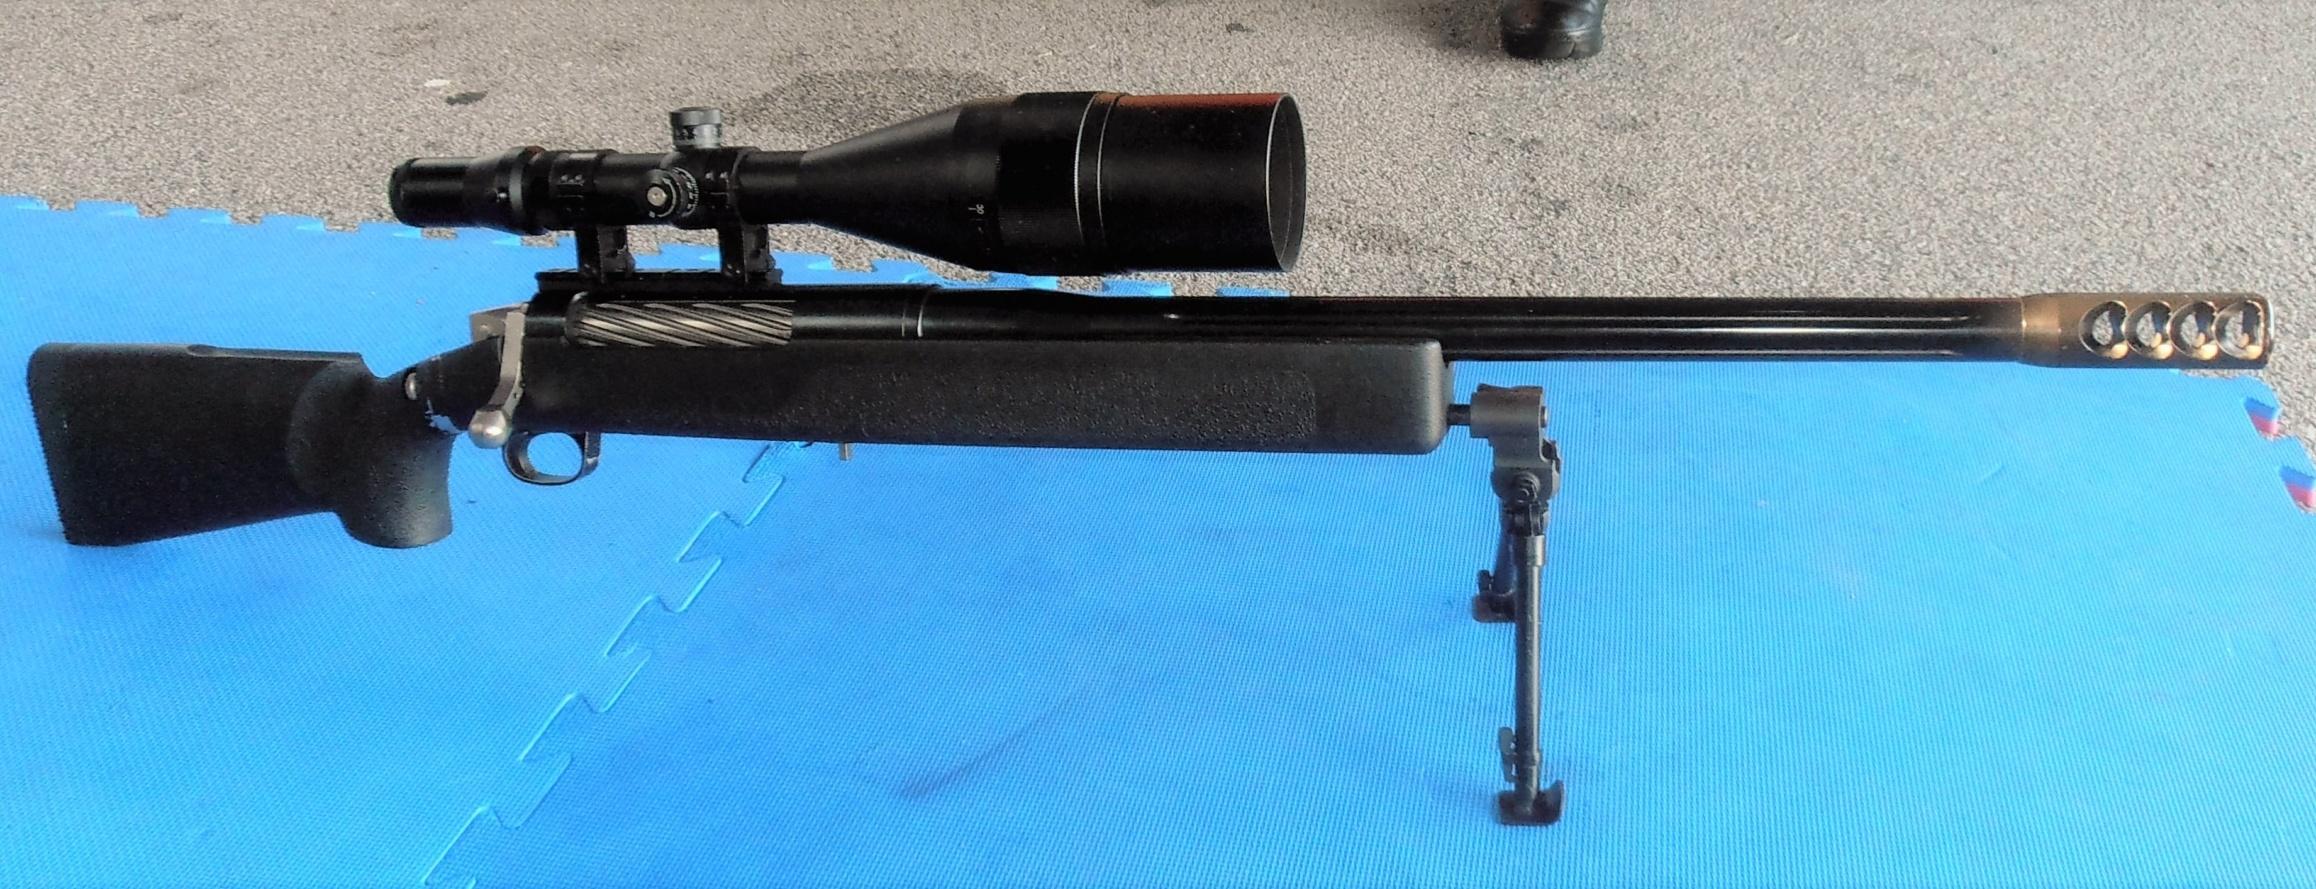 Конструкция винтовки «Robar» RC-50